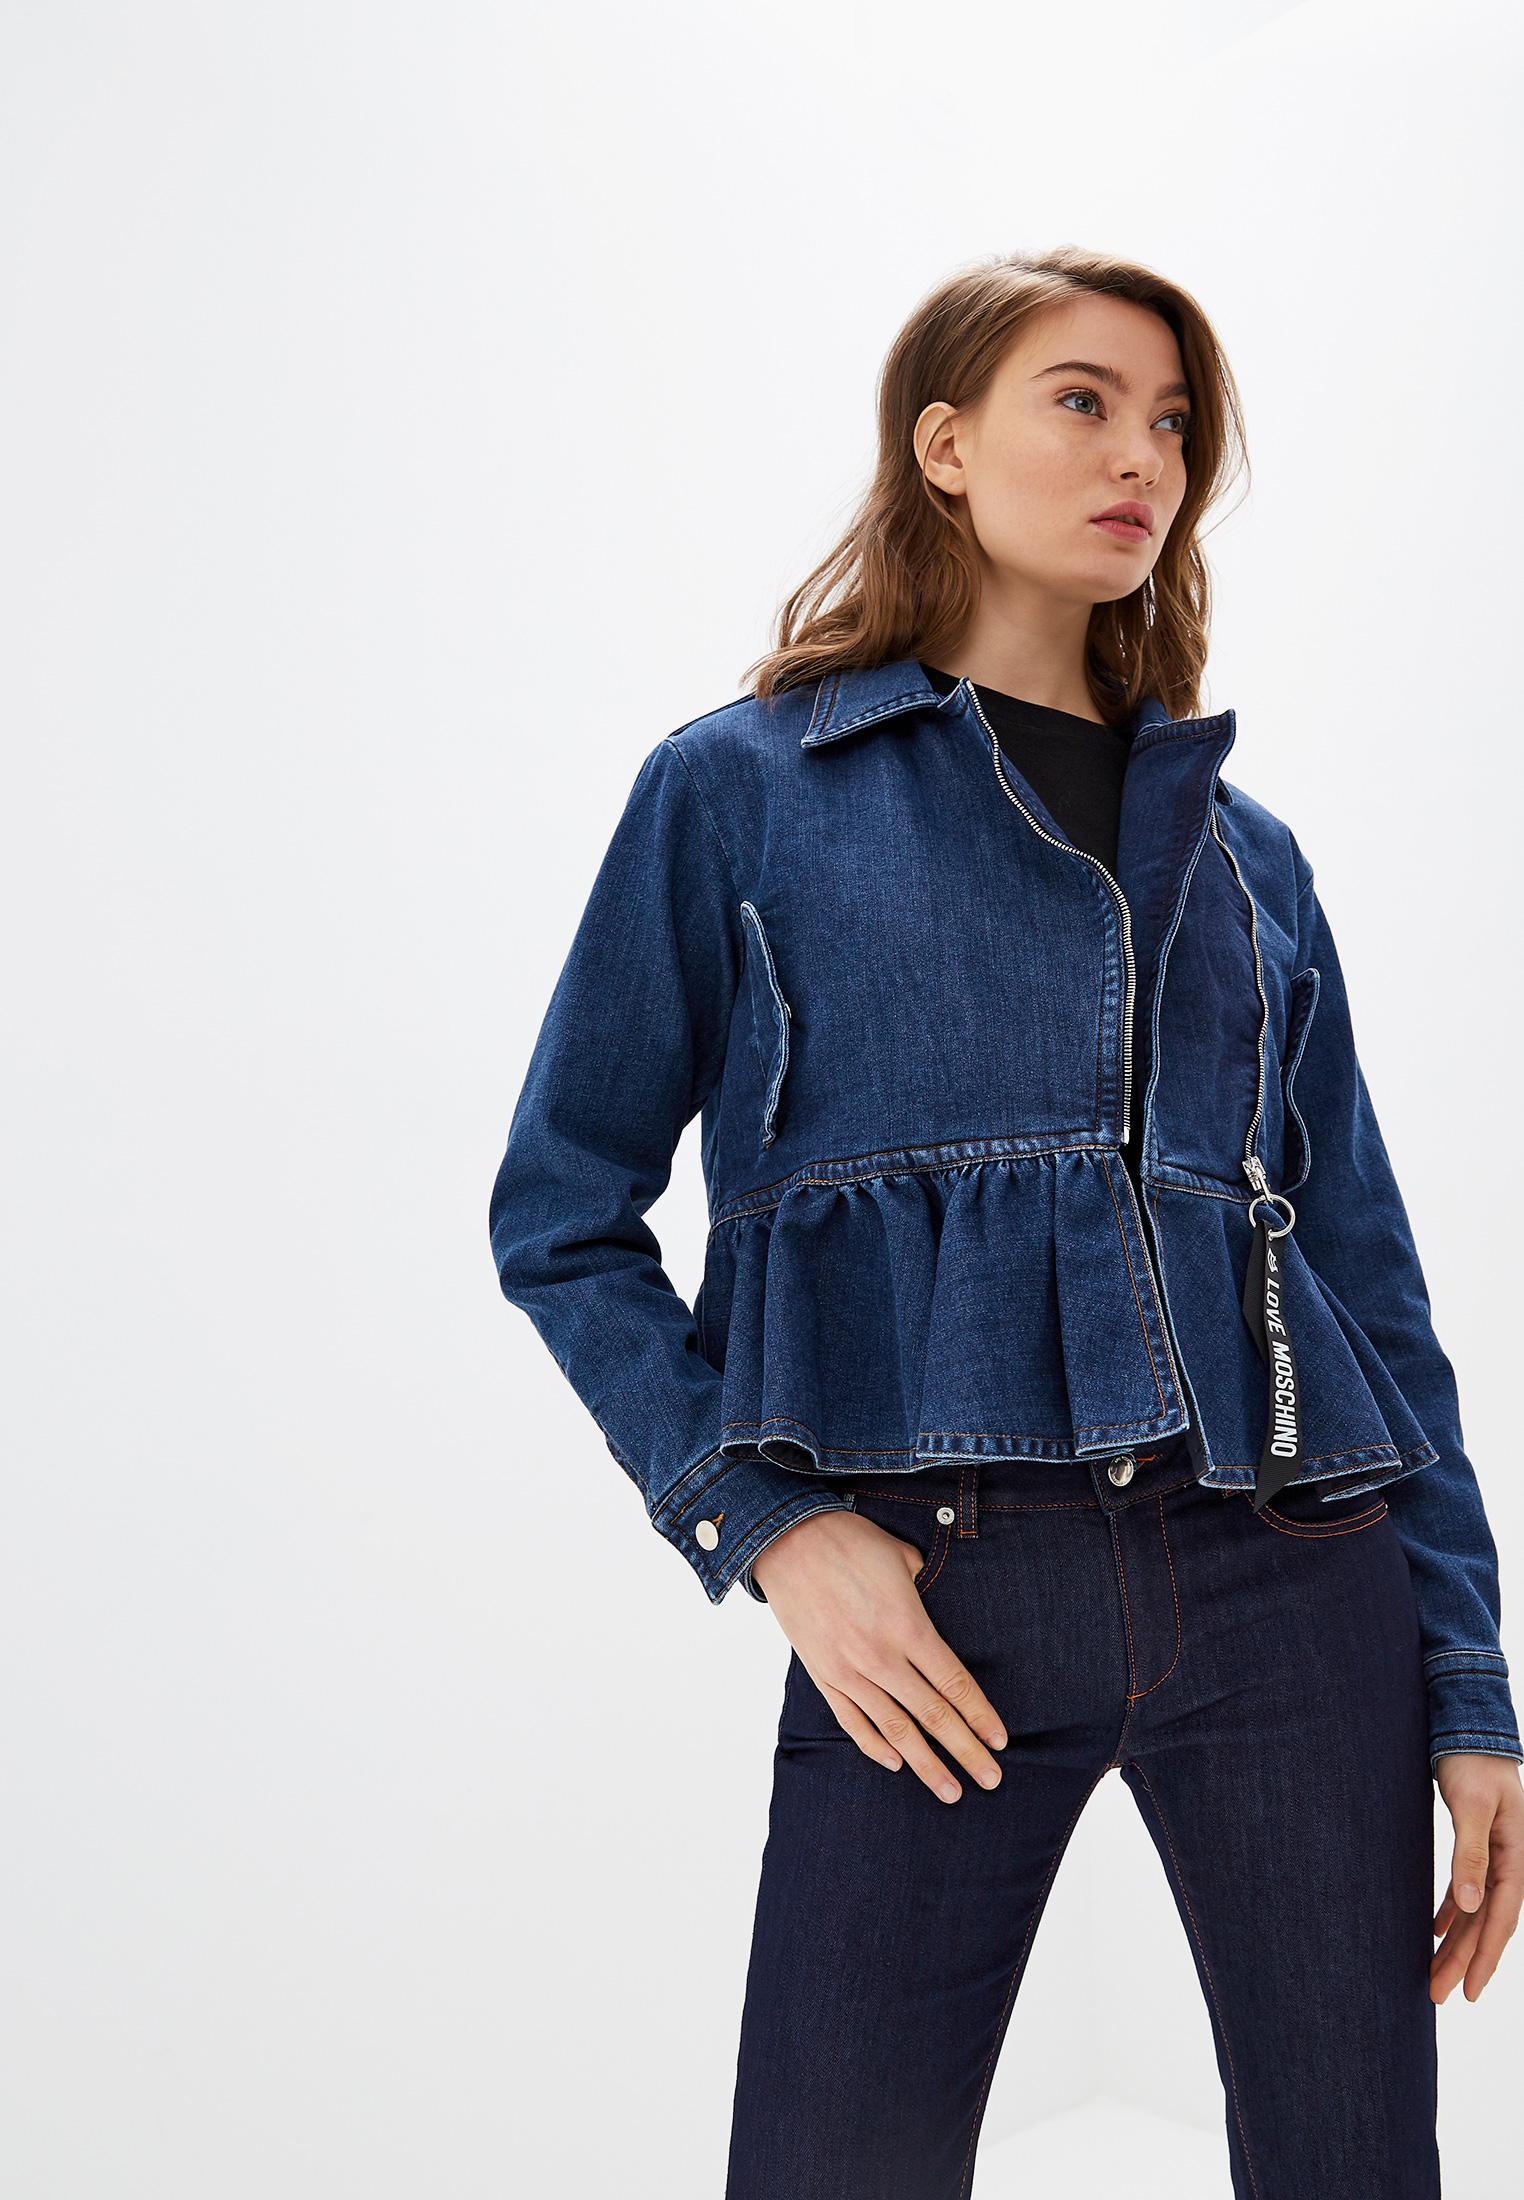 Джинсовая куртка Love Moschino W H 699 00 S 3299